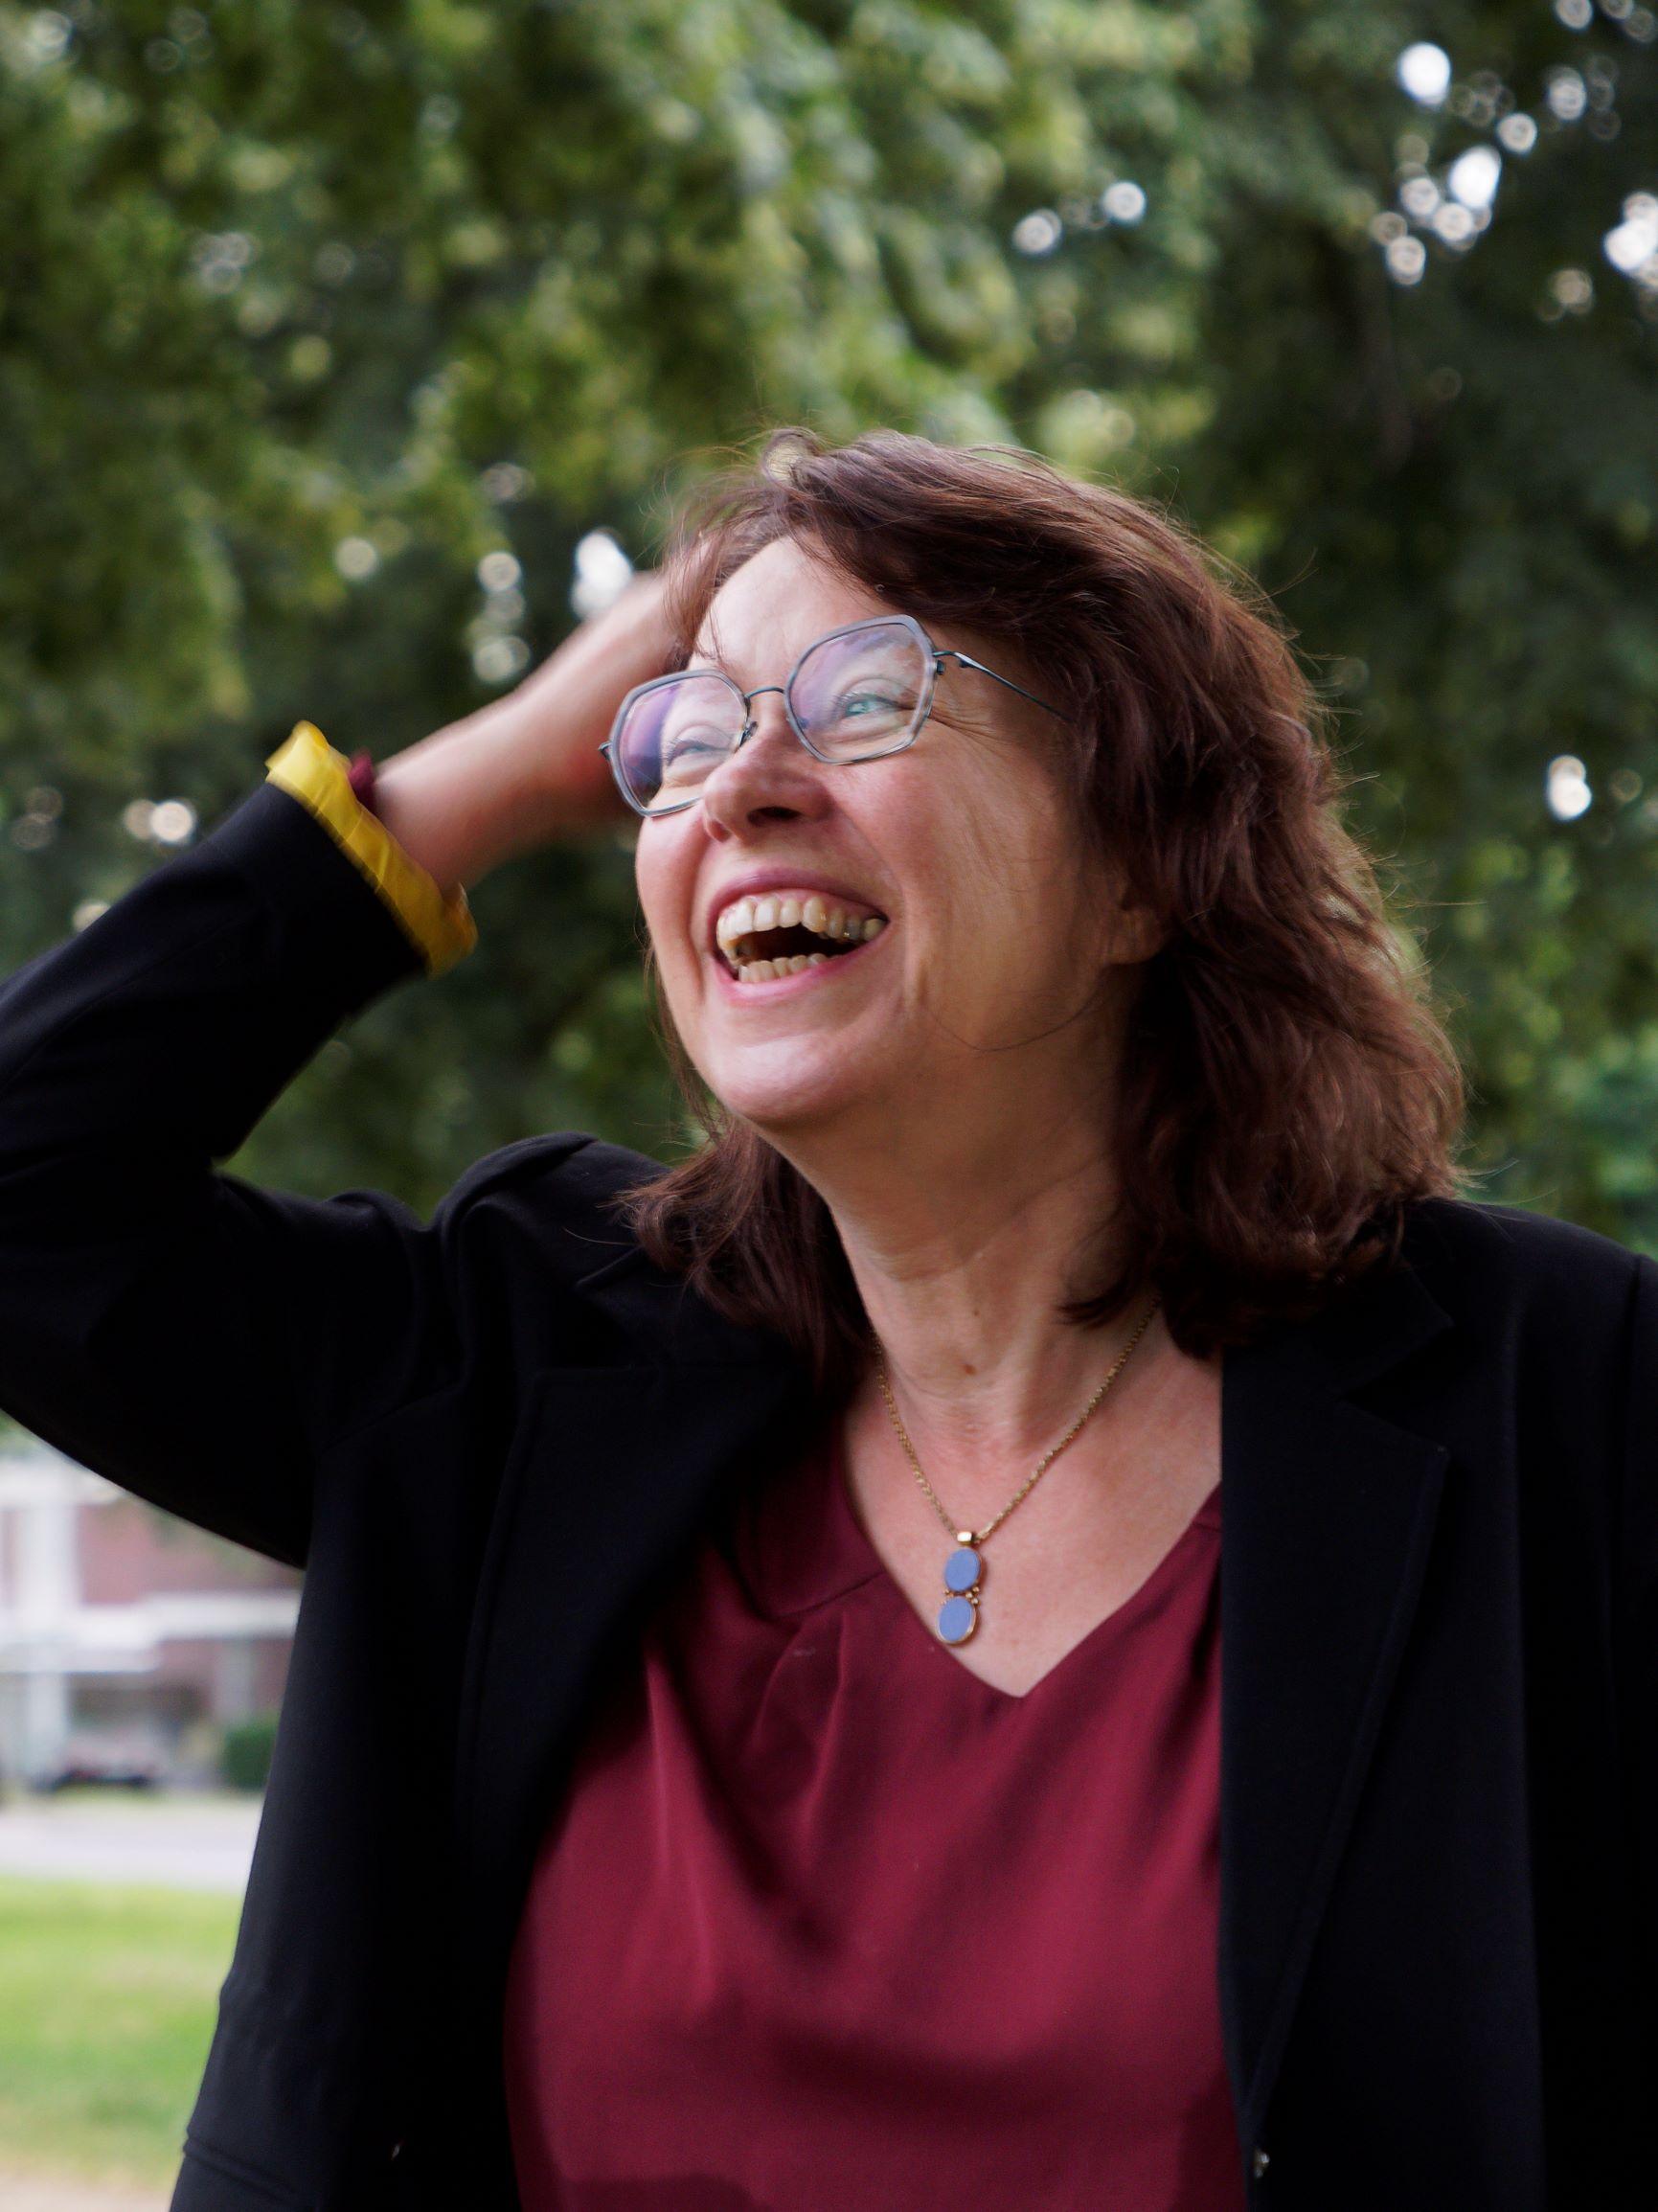 Anne Niesen aus vollem Halse lachend, fröhlich